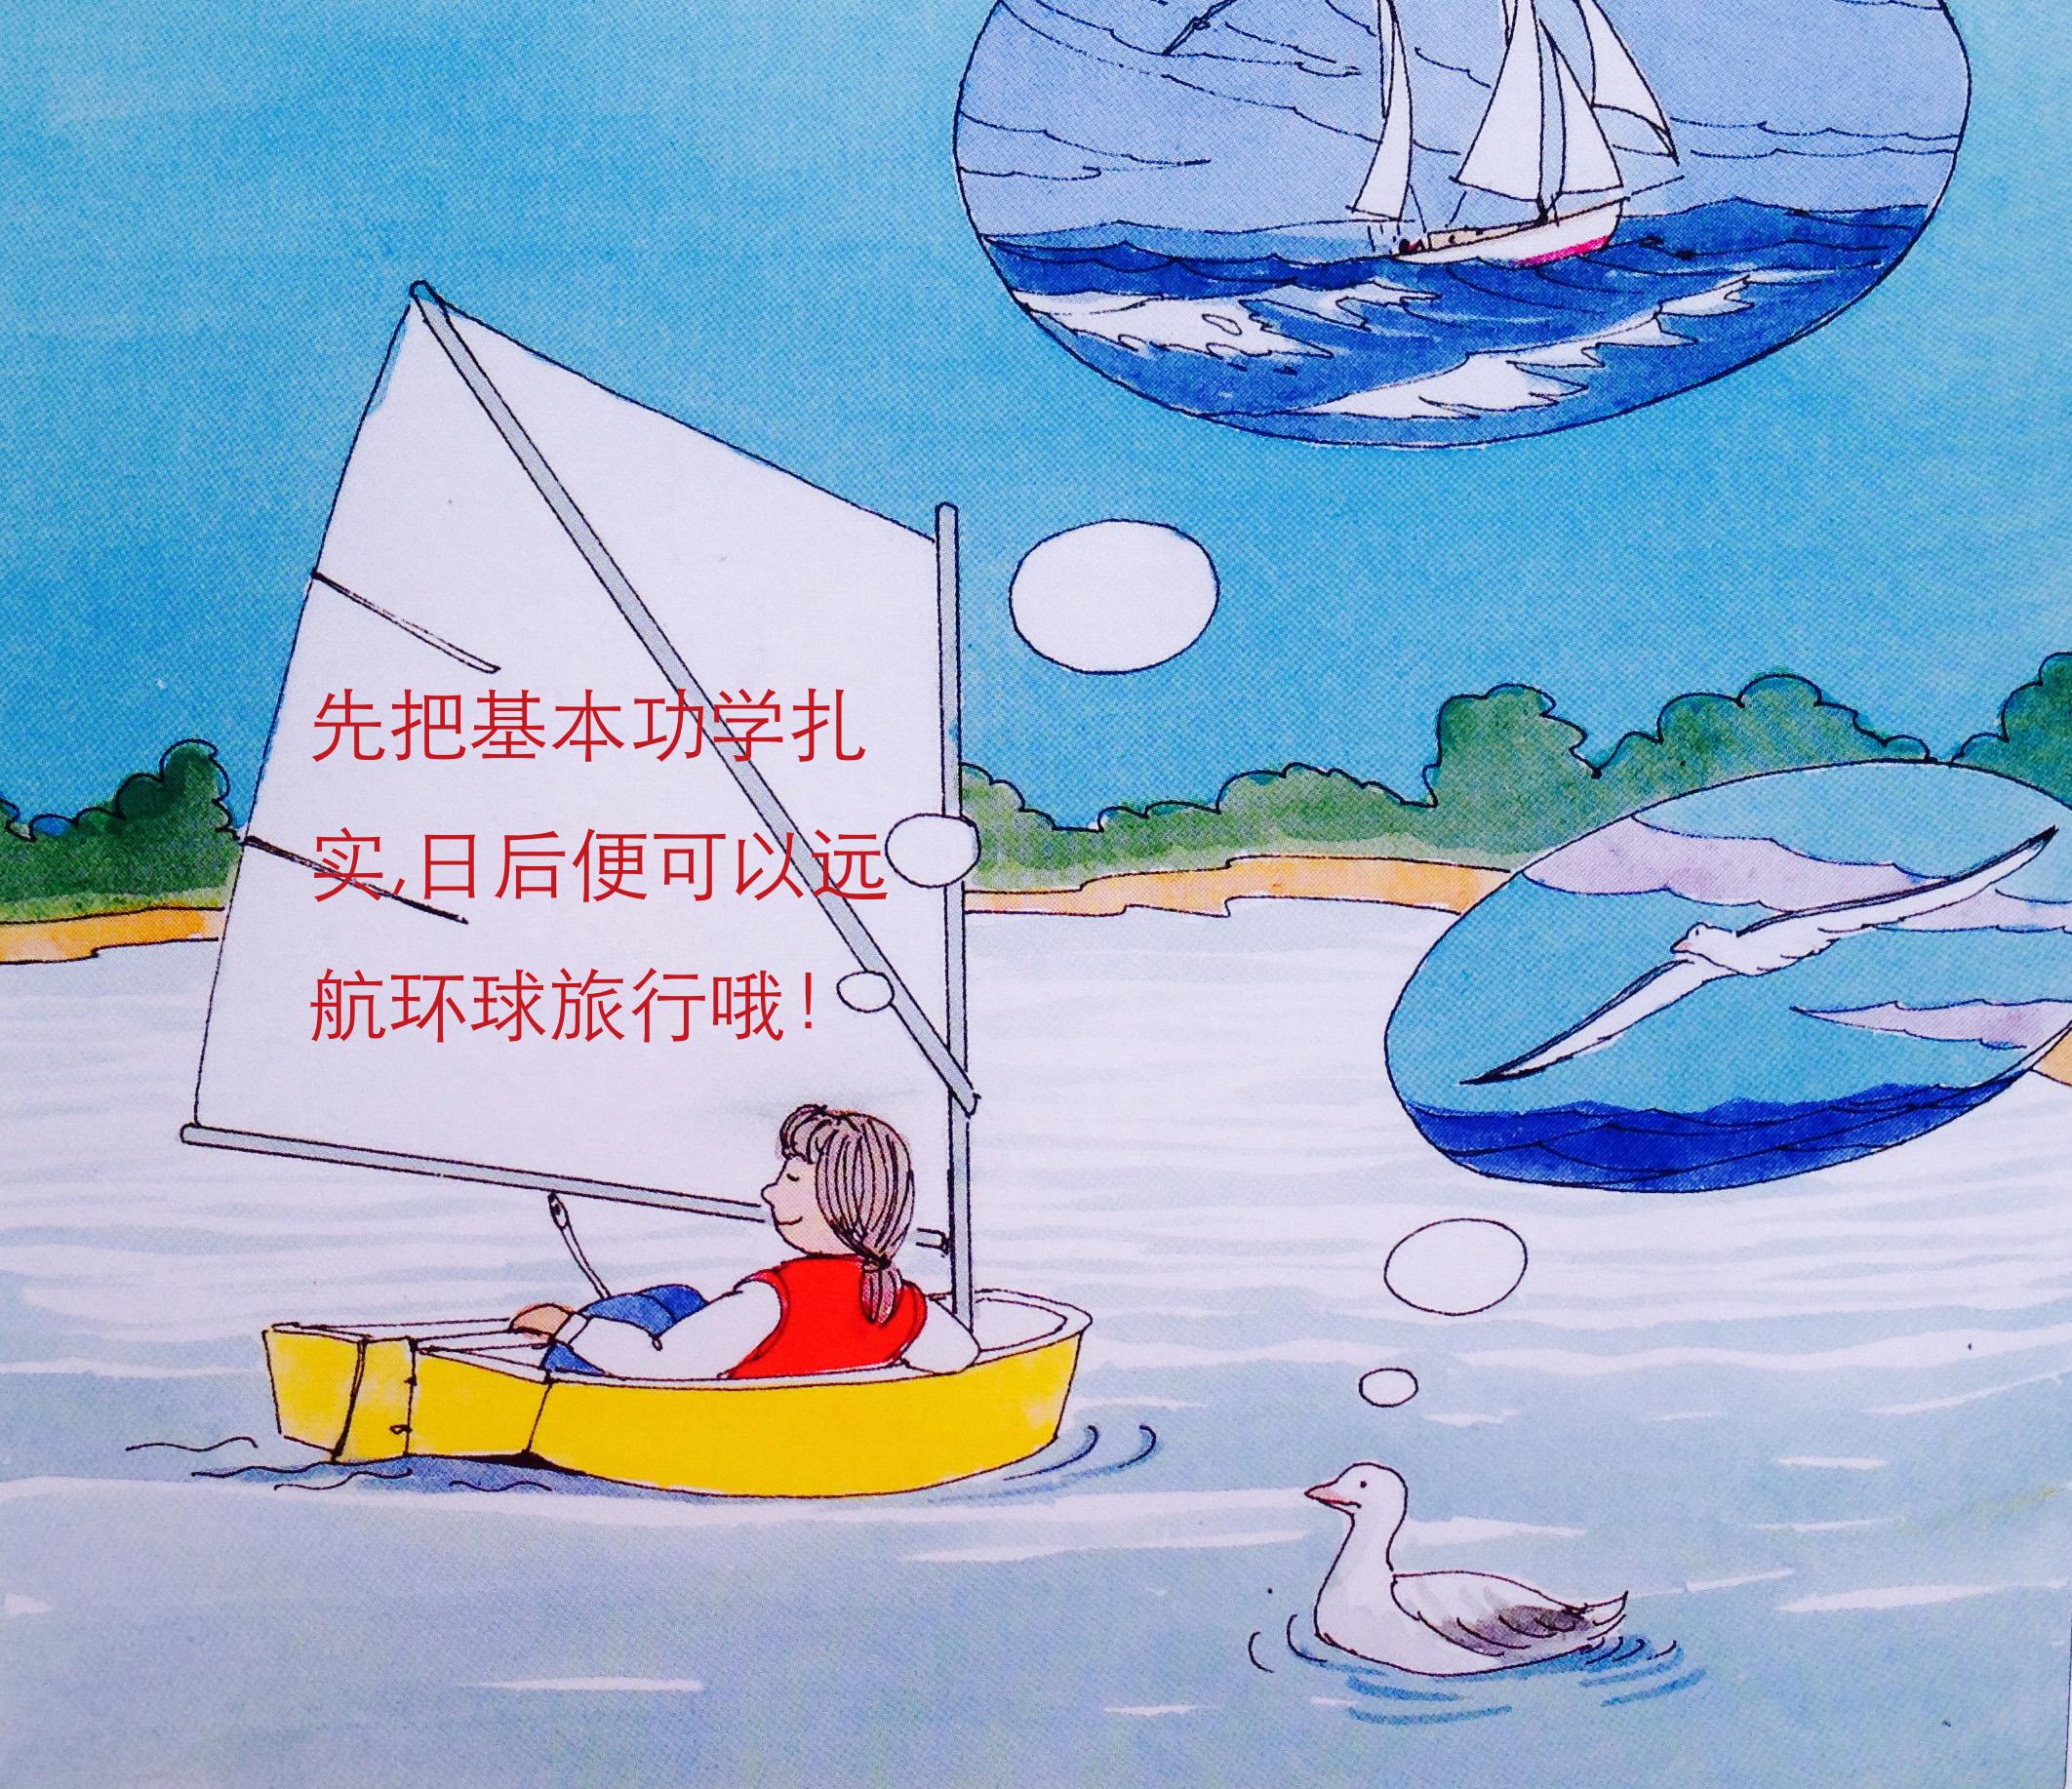 """汽车 船上有两人以上时,掌舵的人叫""""舵手,控制缭绳的人叫""""缭手"""",其他人统称船员。 7a舵的作用.jpg"""